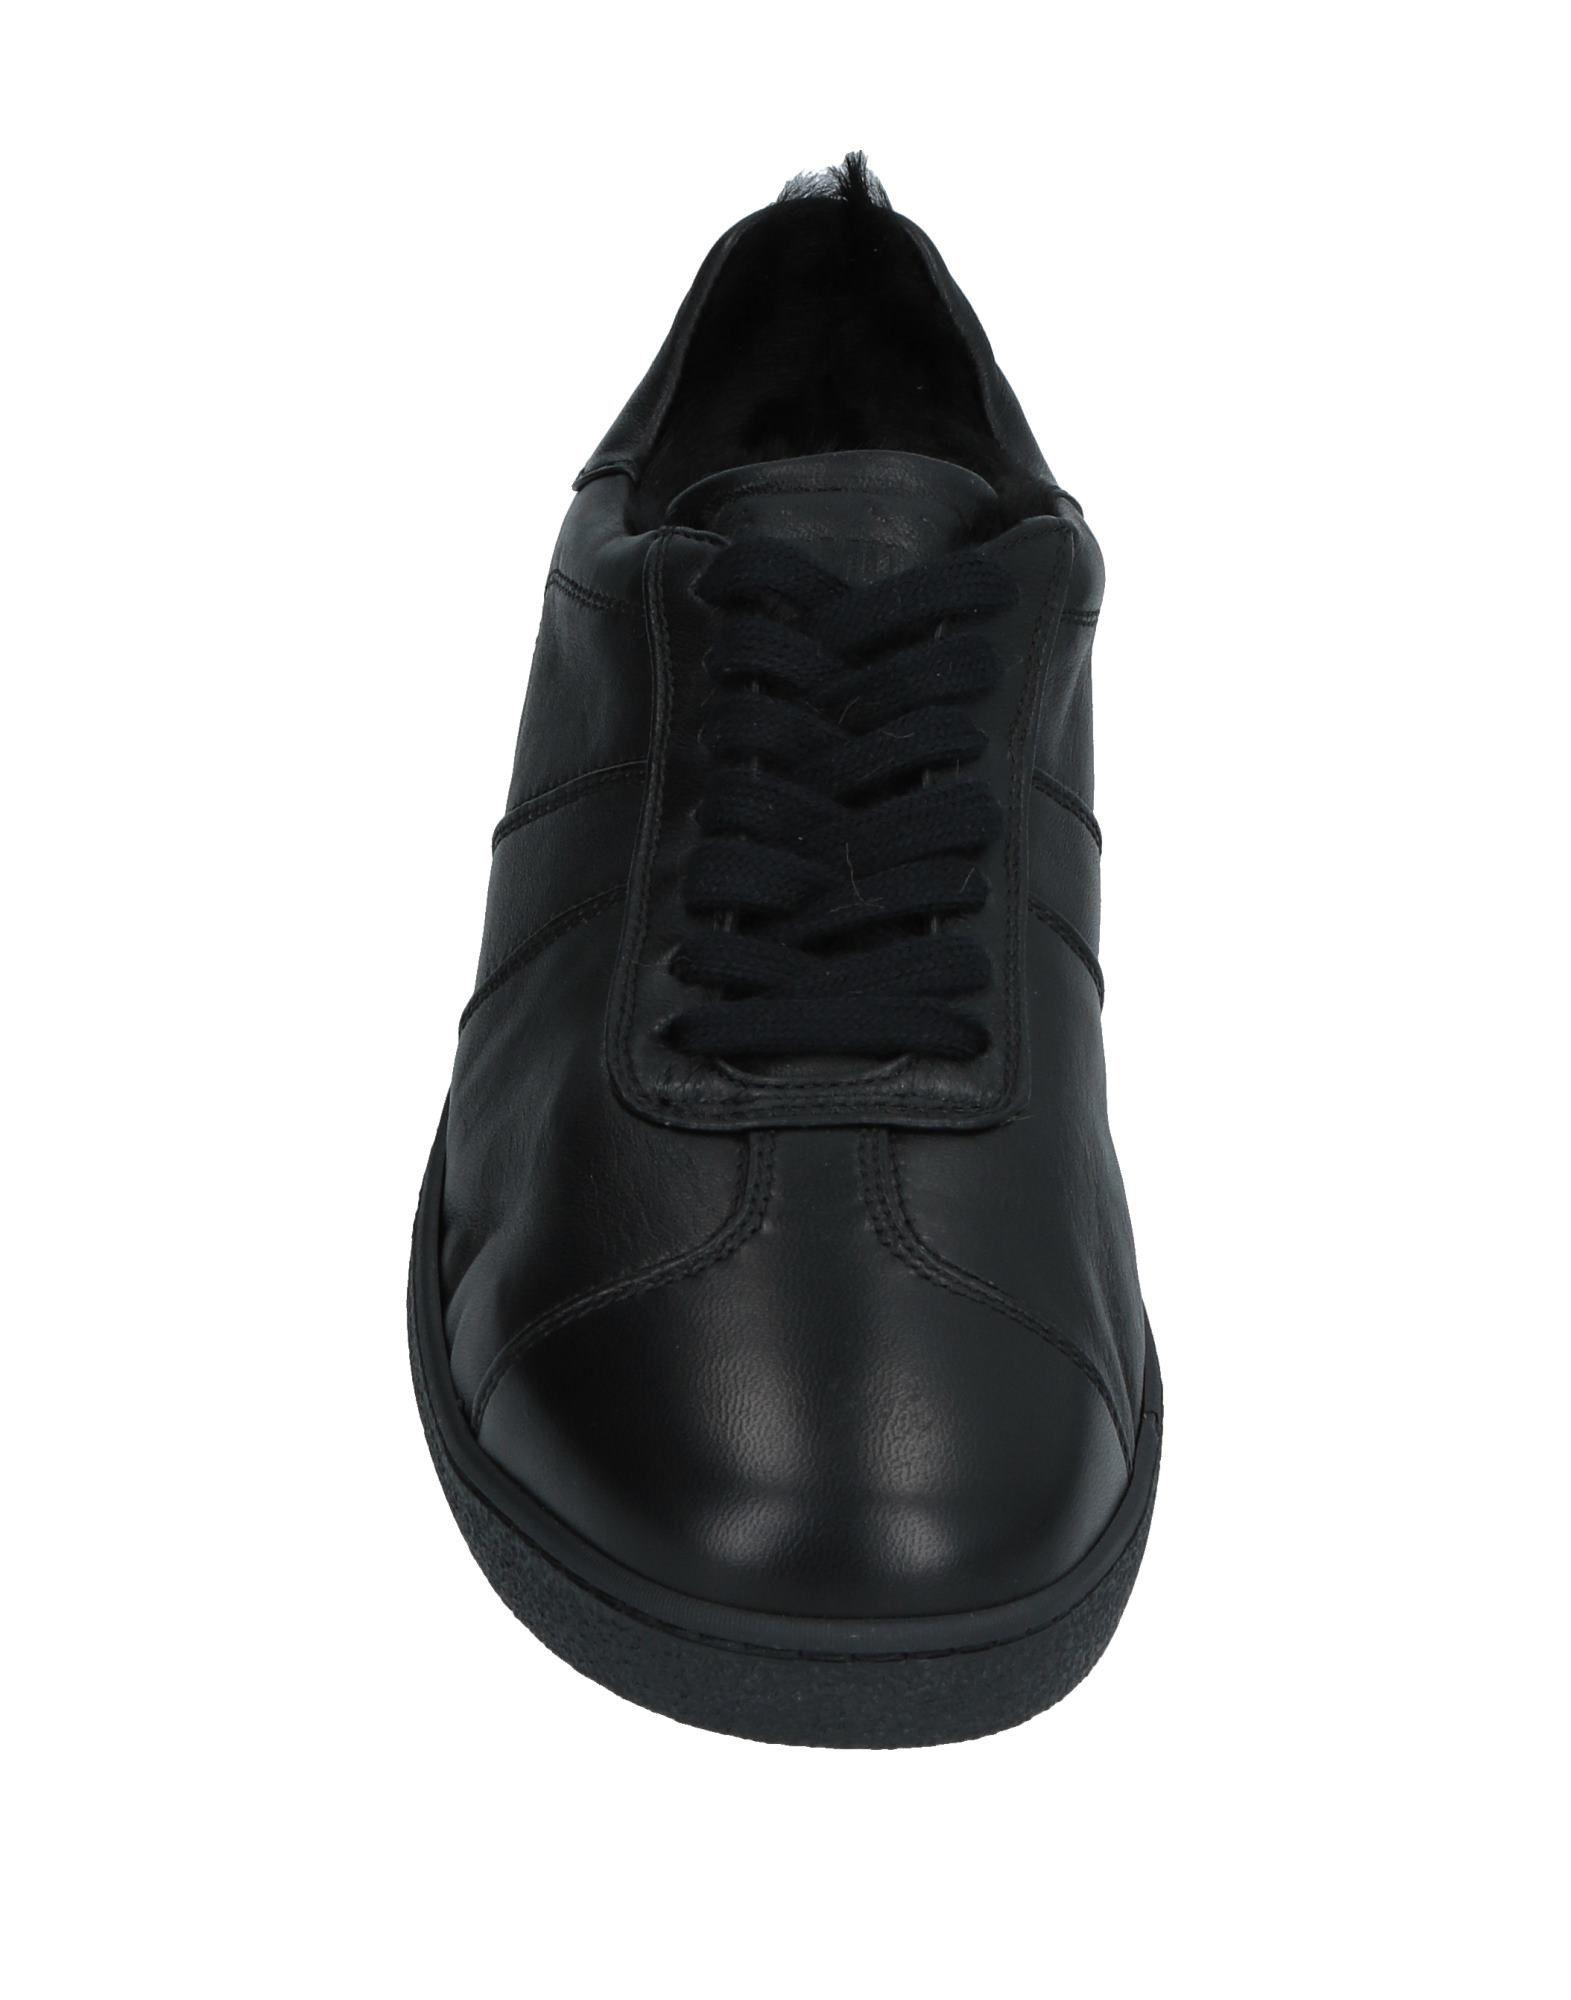 Pantofola Pantofola Pantofola D'oro Sneakers - Men Pantofola D'oro Sneakers online on  Australia - 11569753CQ 69e4c5